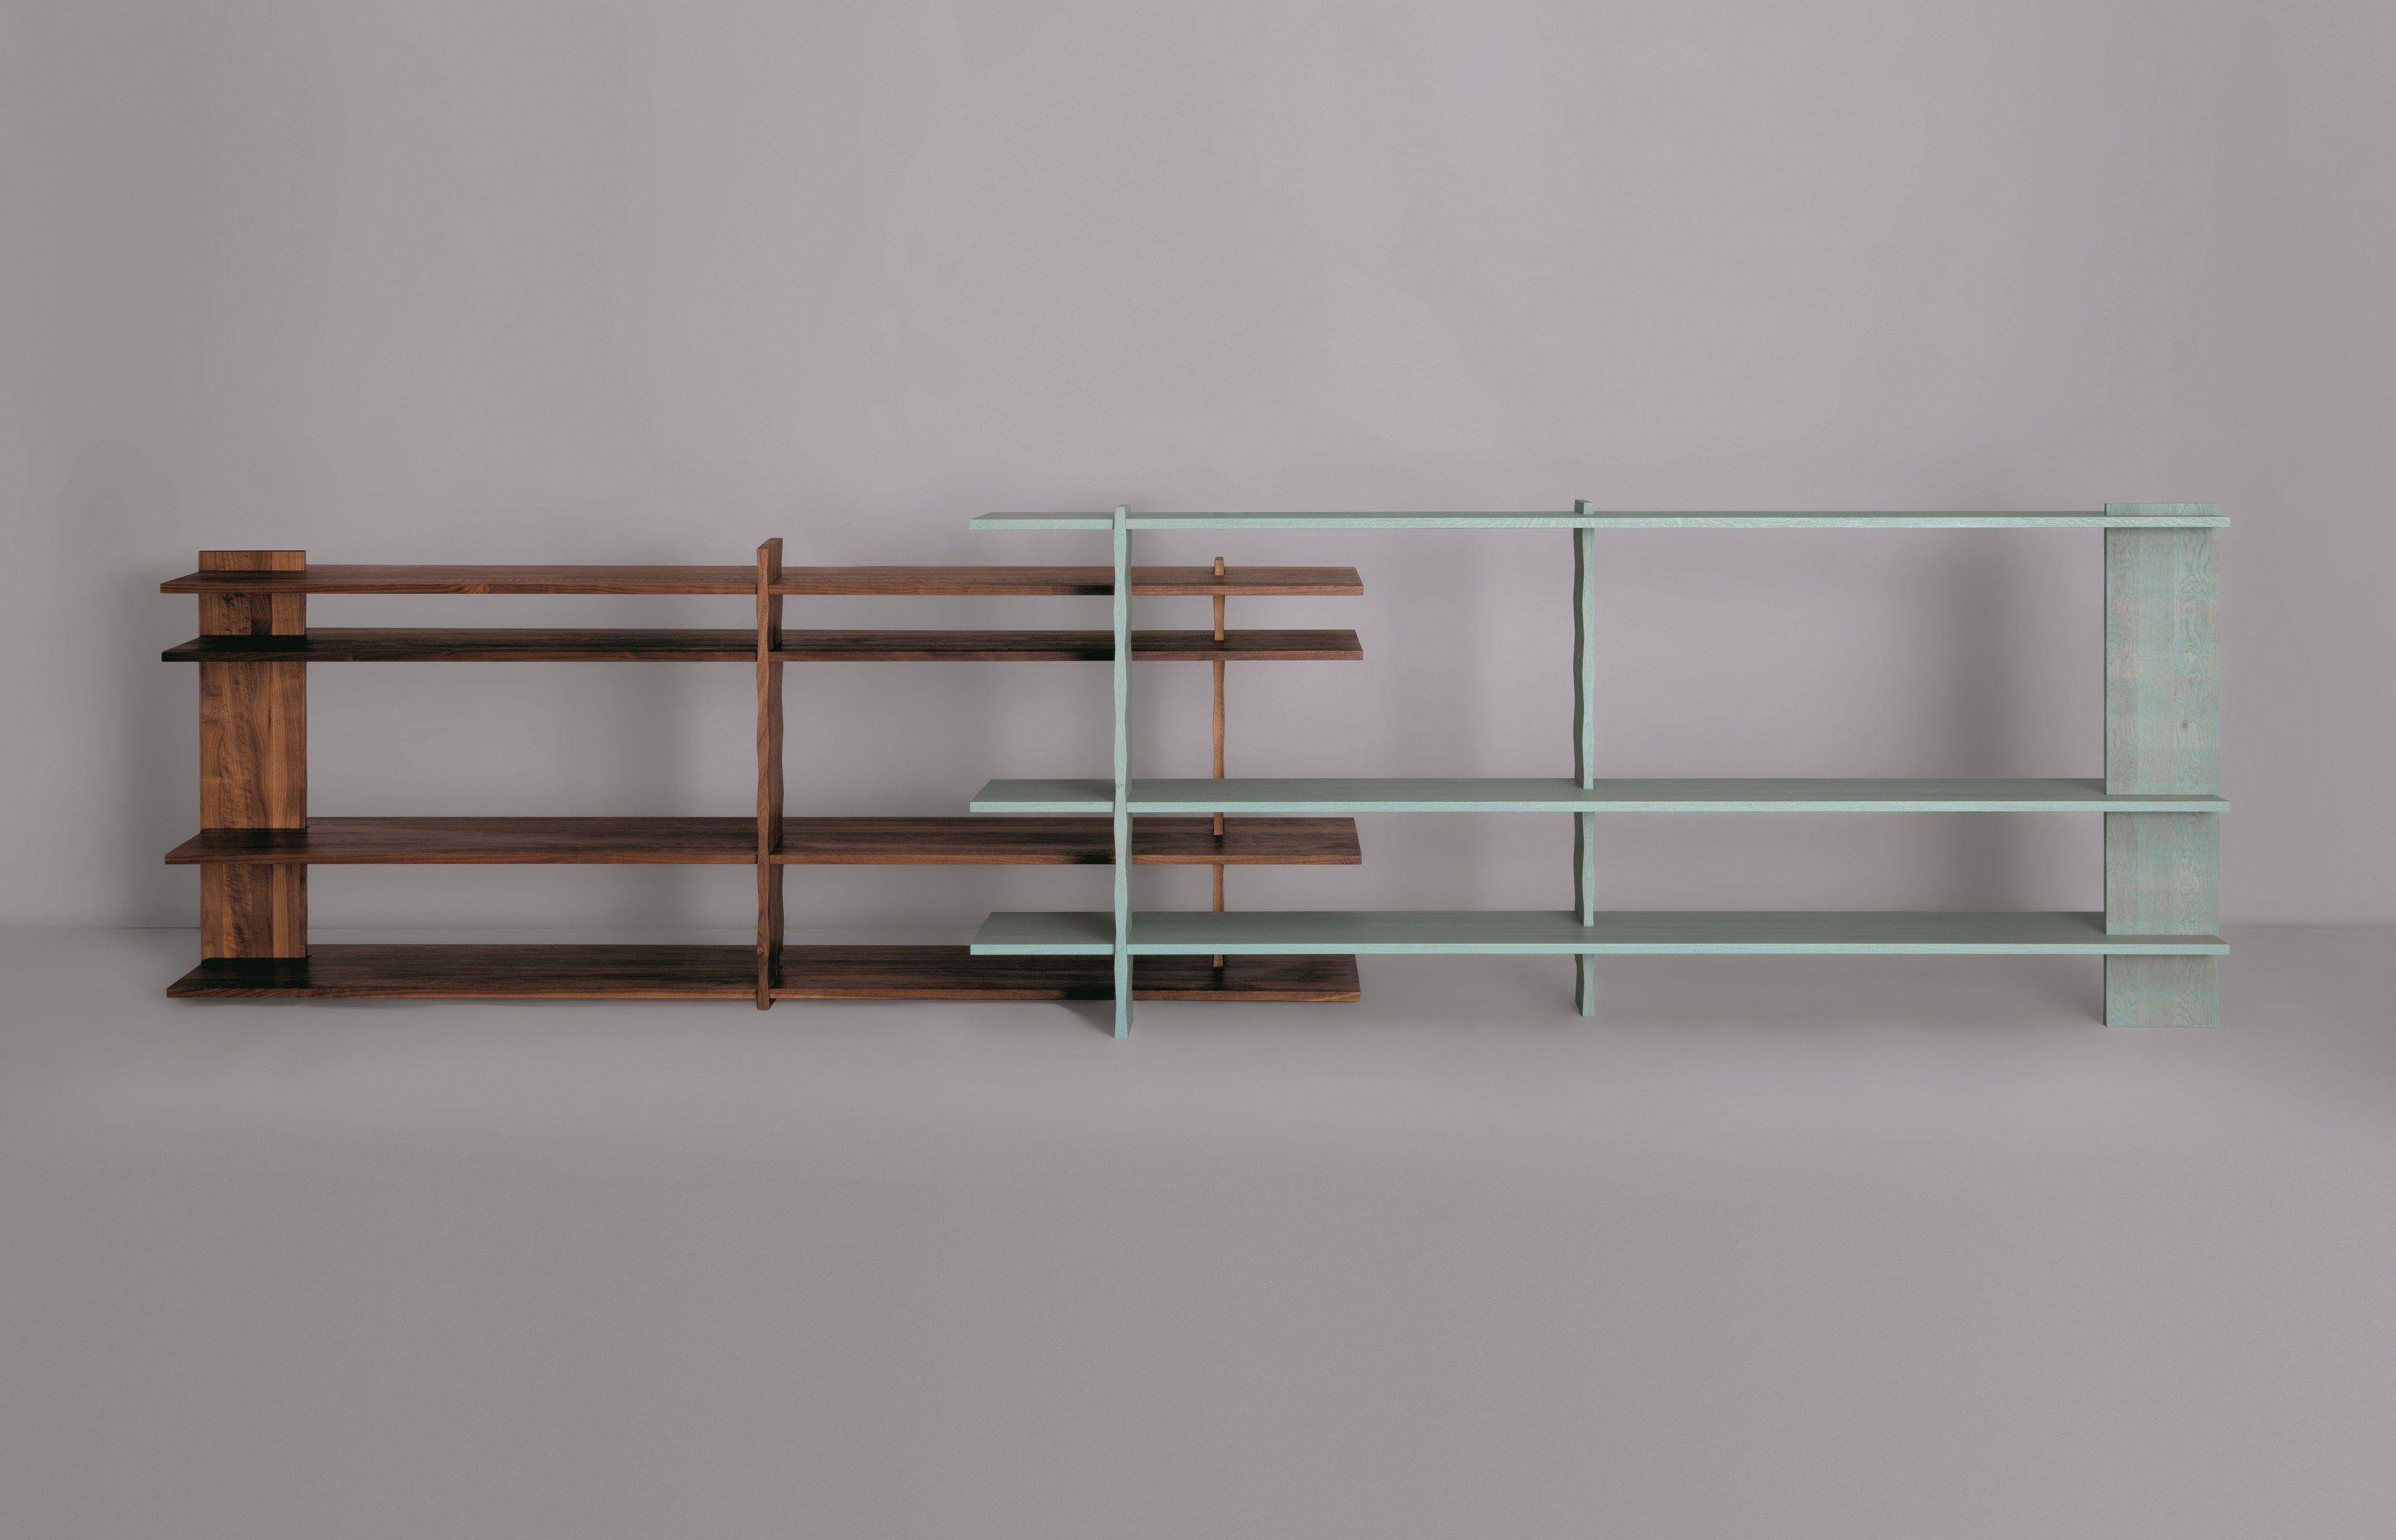 Librería abierta independiente de madera 3°REGAL by ZEITRAUM | diseño AERO ARCHITEKTEN